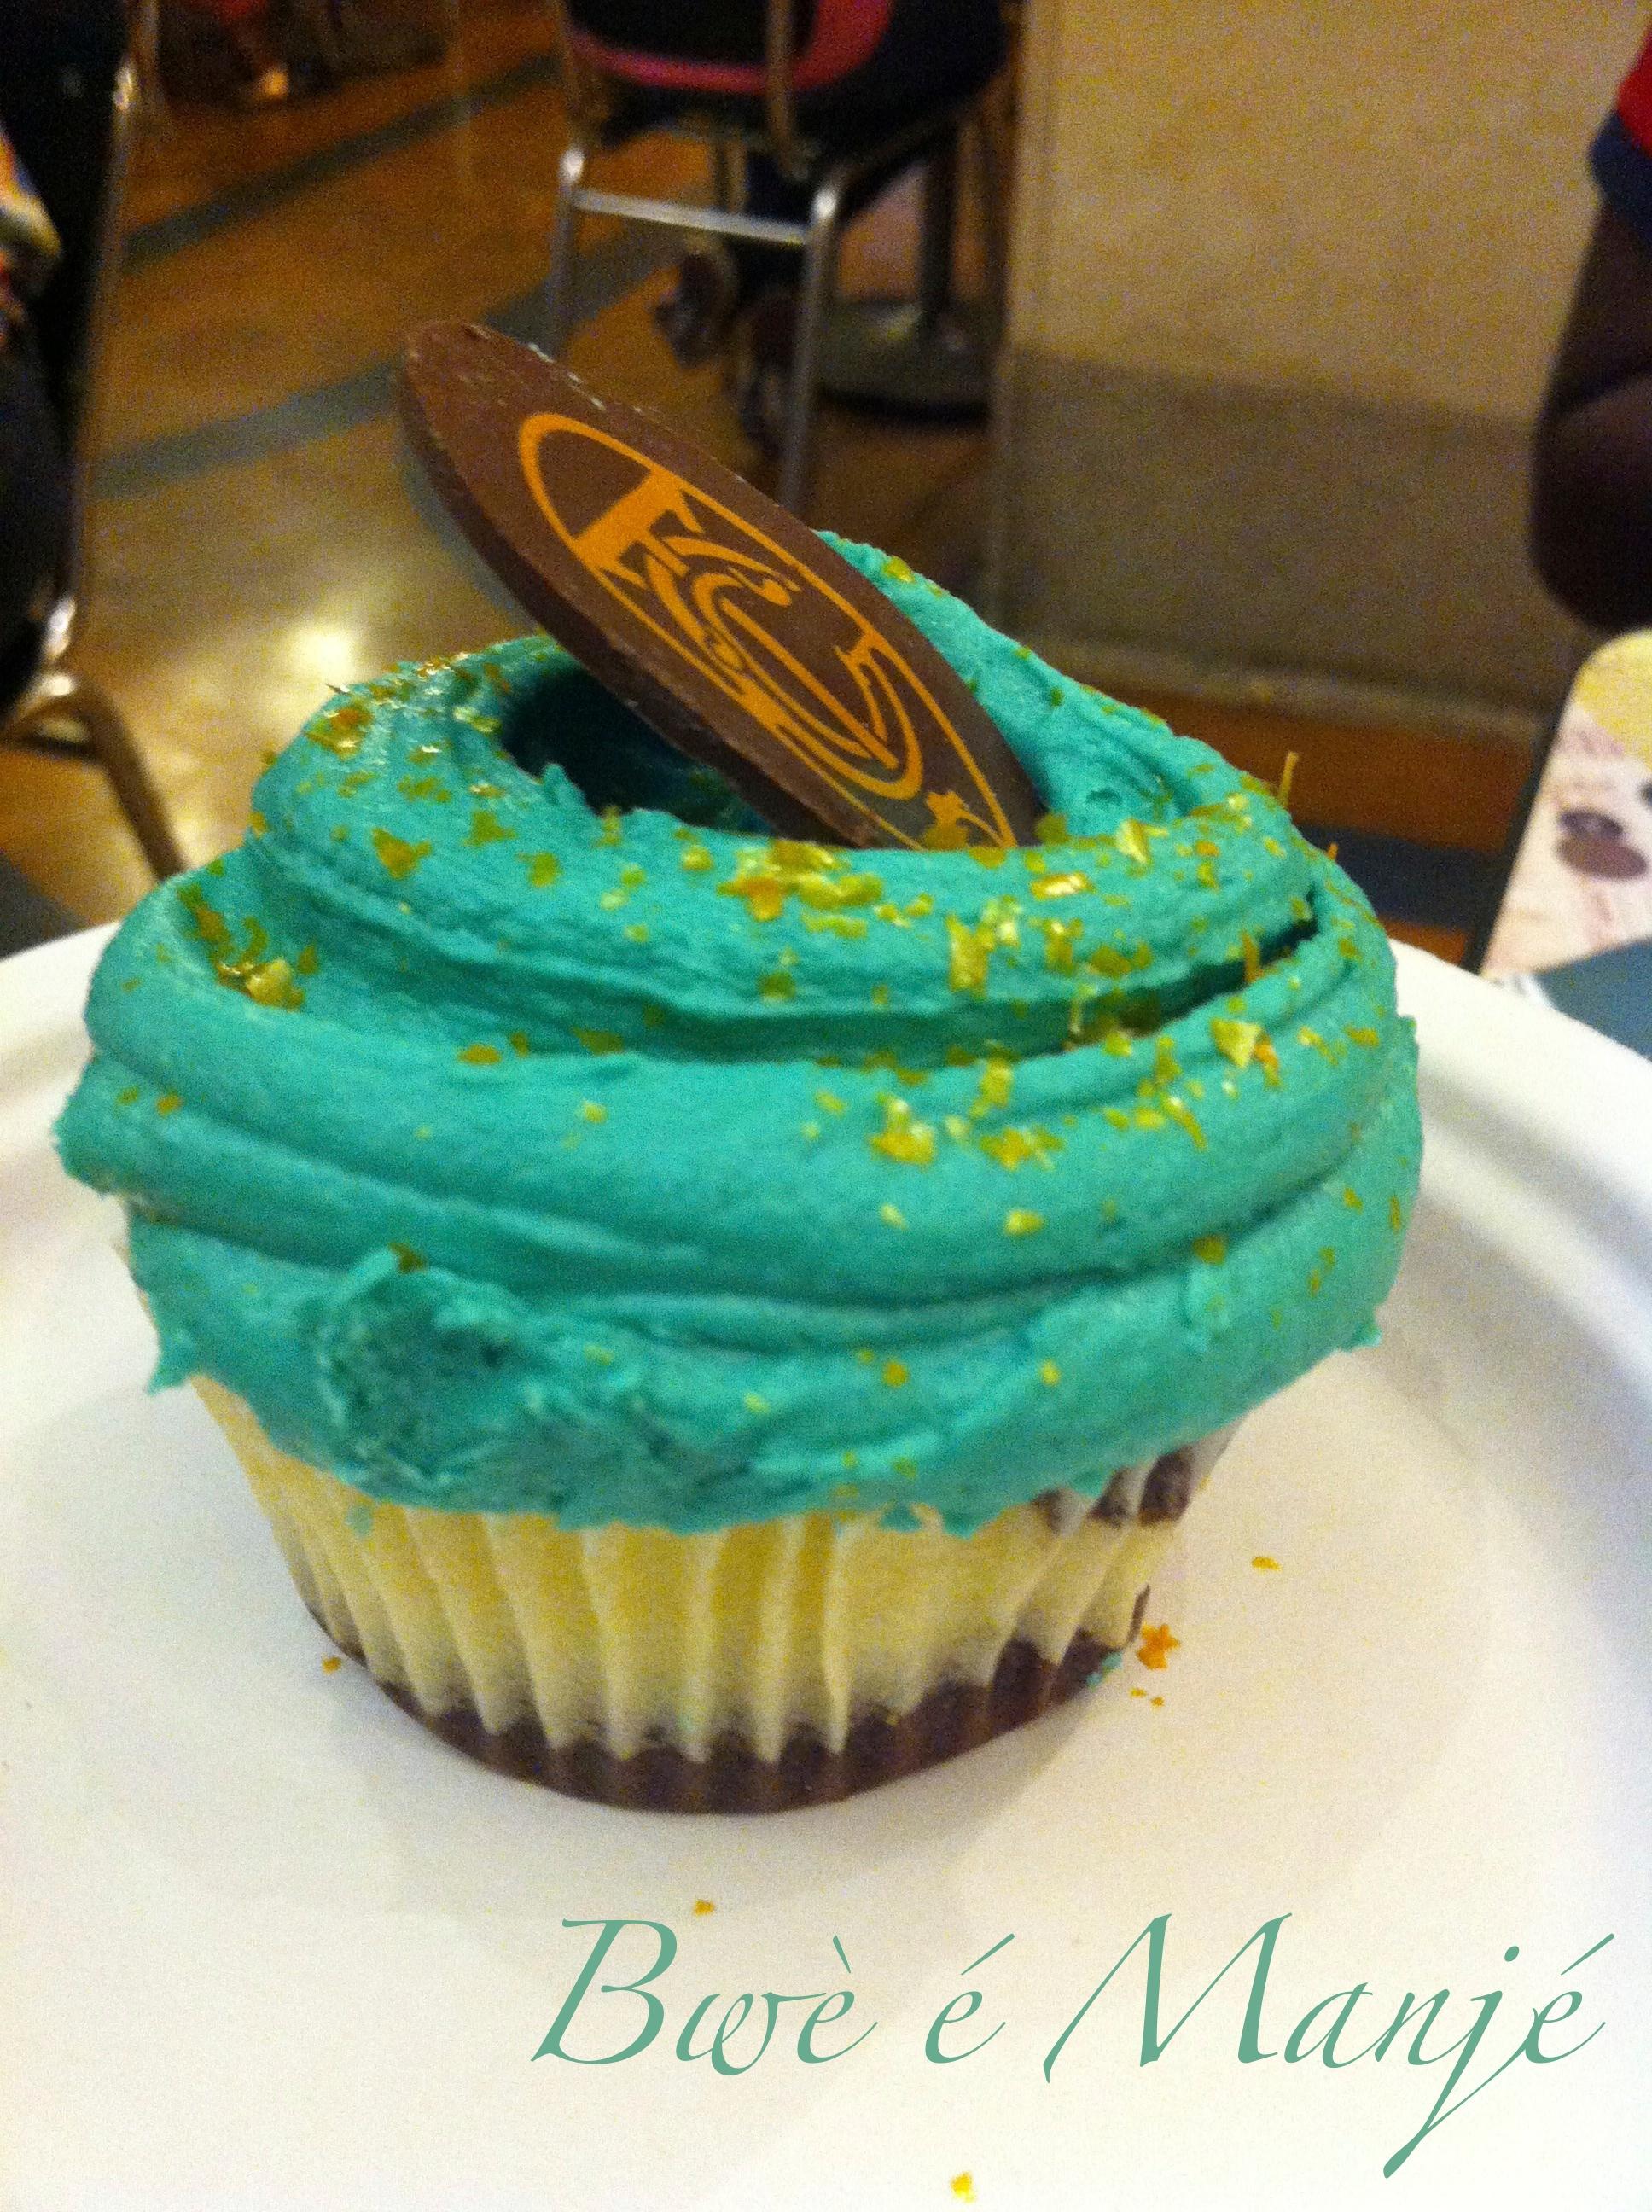 Le cupcake à l'éffigie de la gare